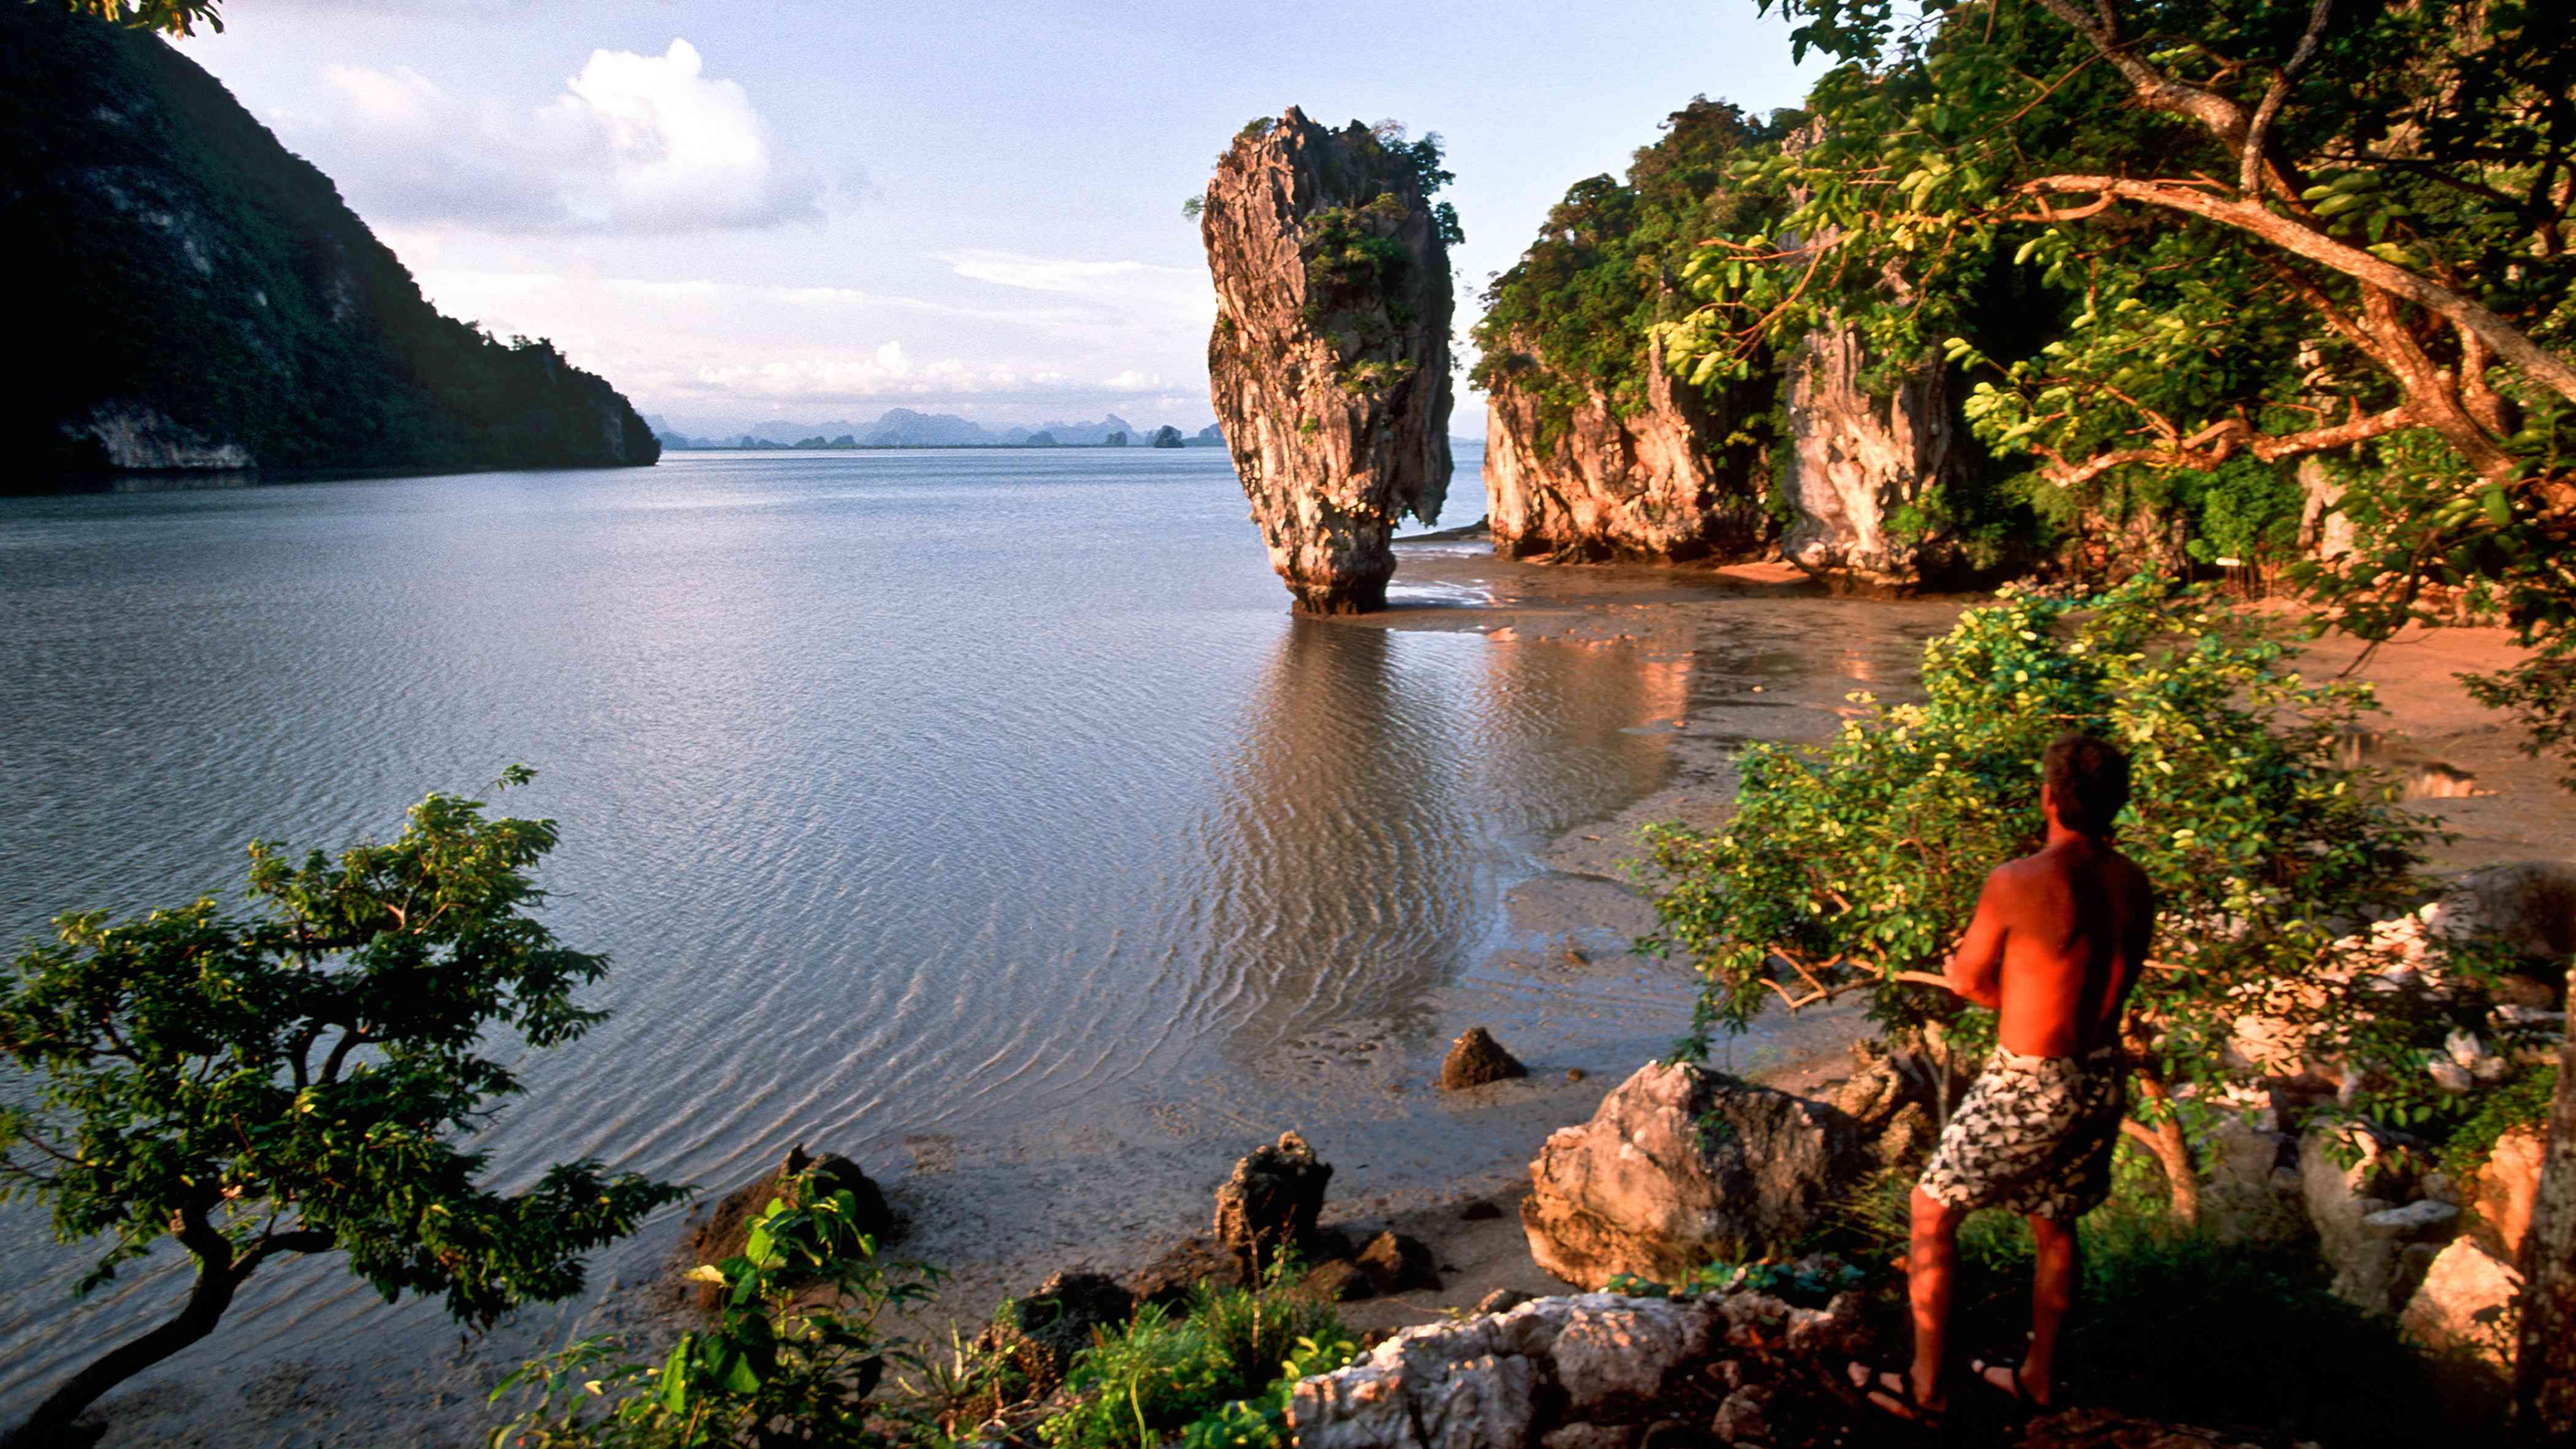 Koh Tapu in Phang Nga Bay, Thailand